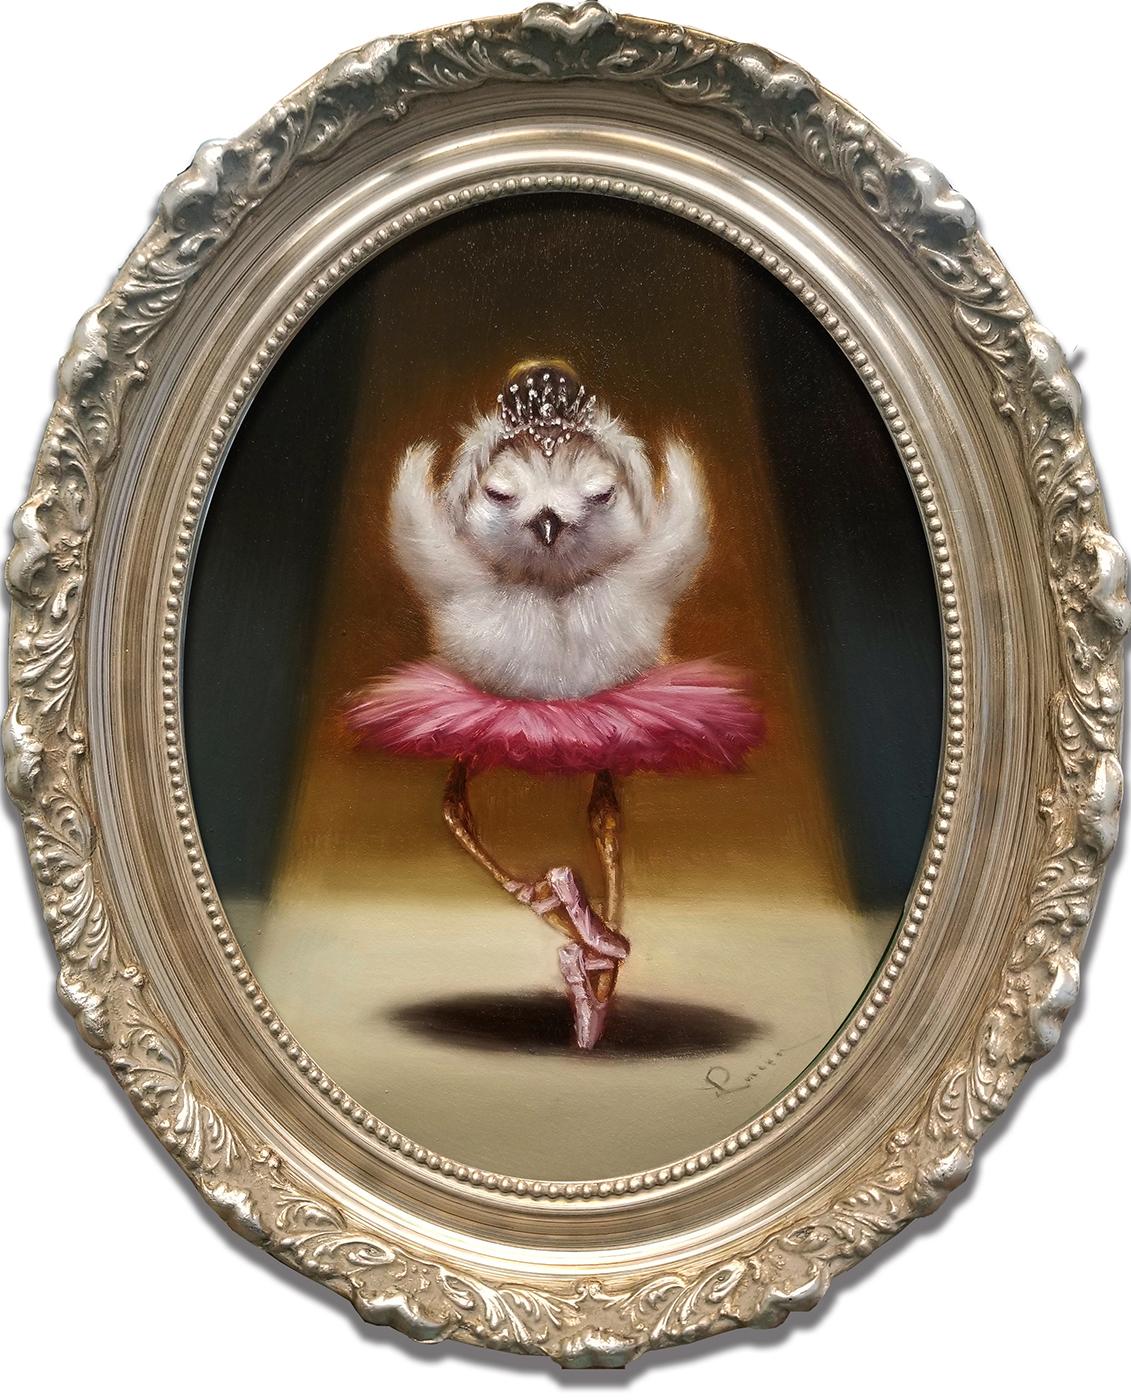 lucia_heffernan_lh1007_ballet_chick.jpg